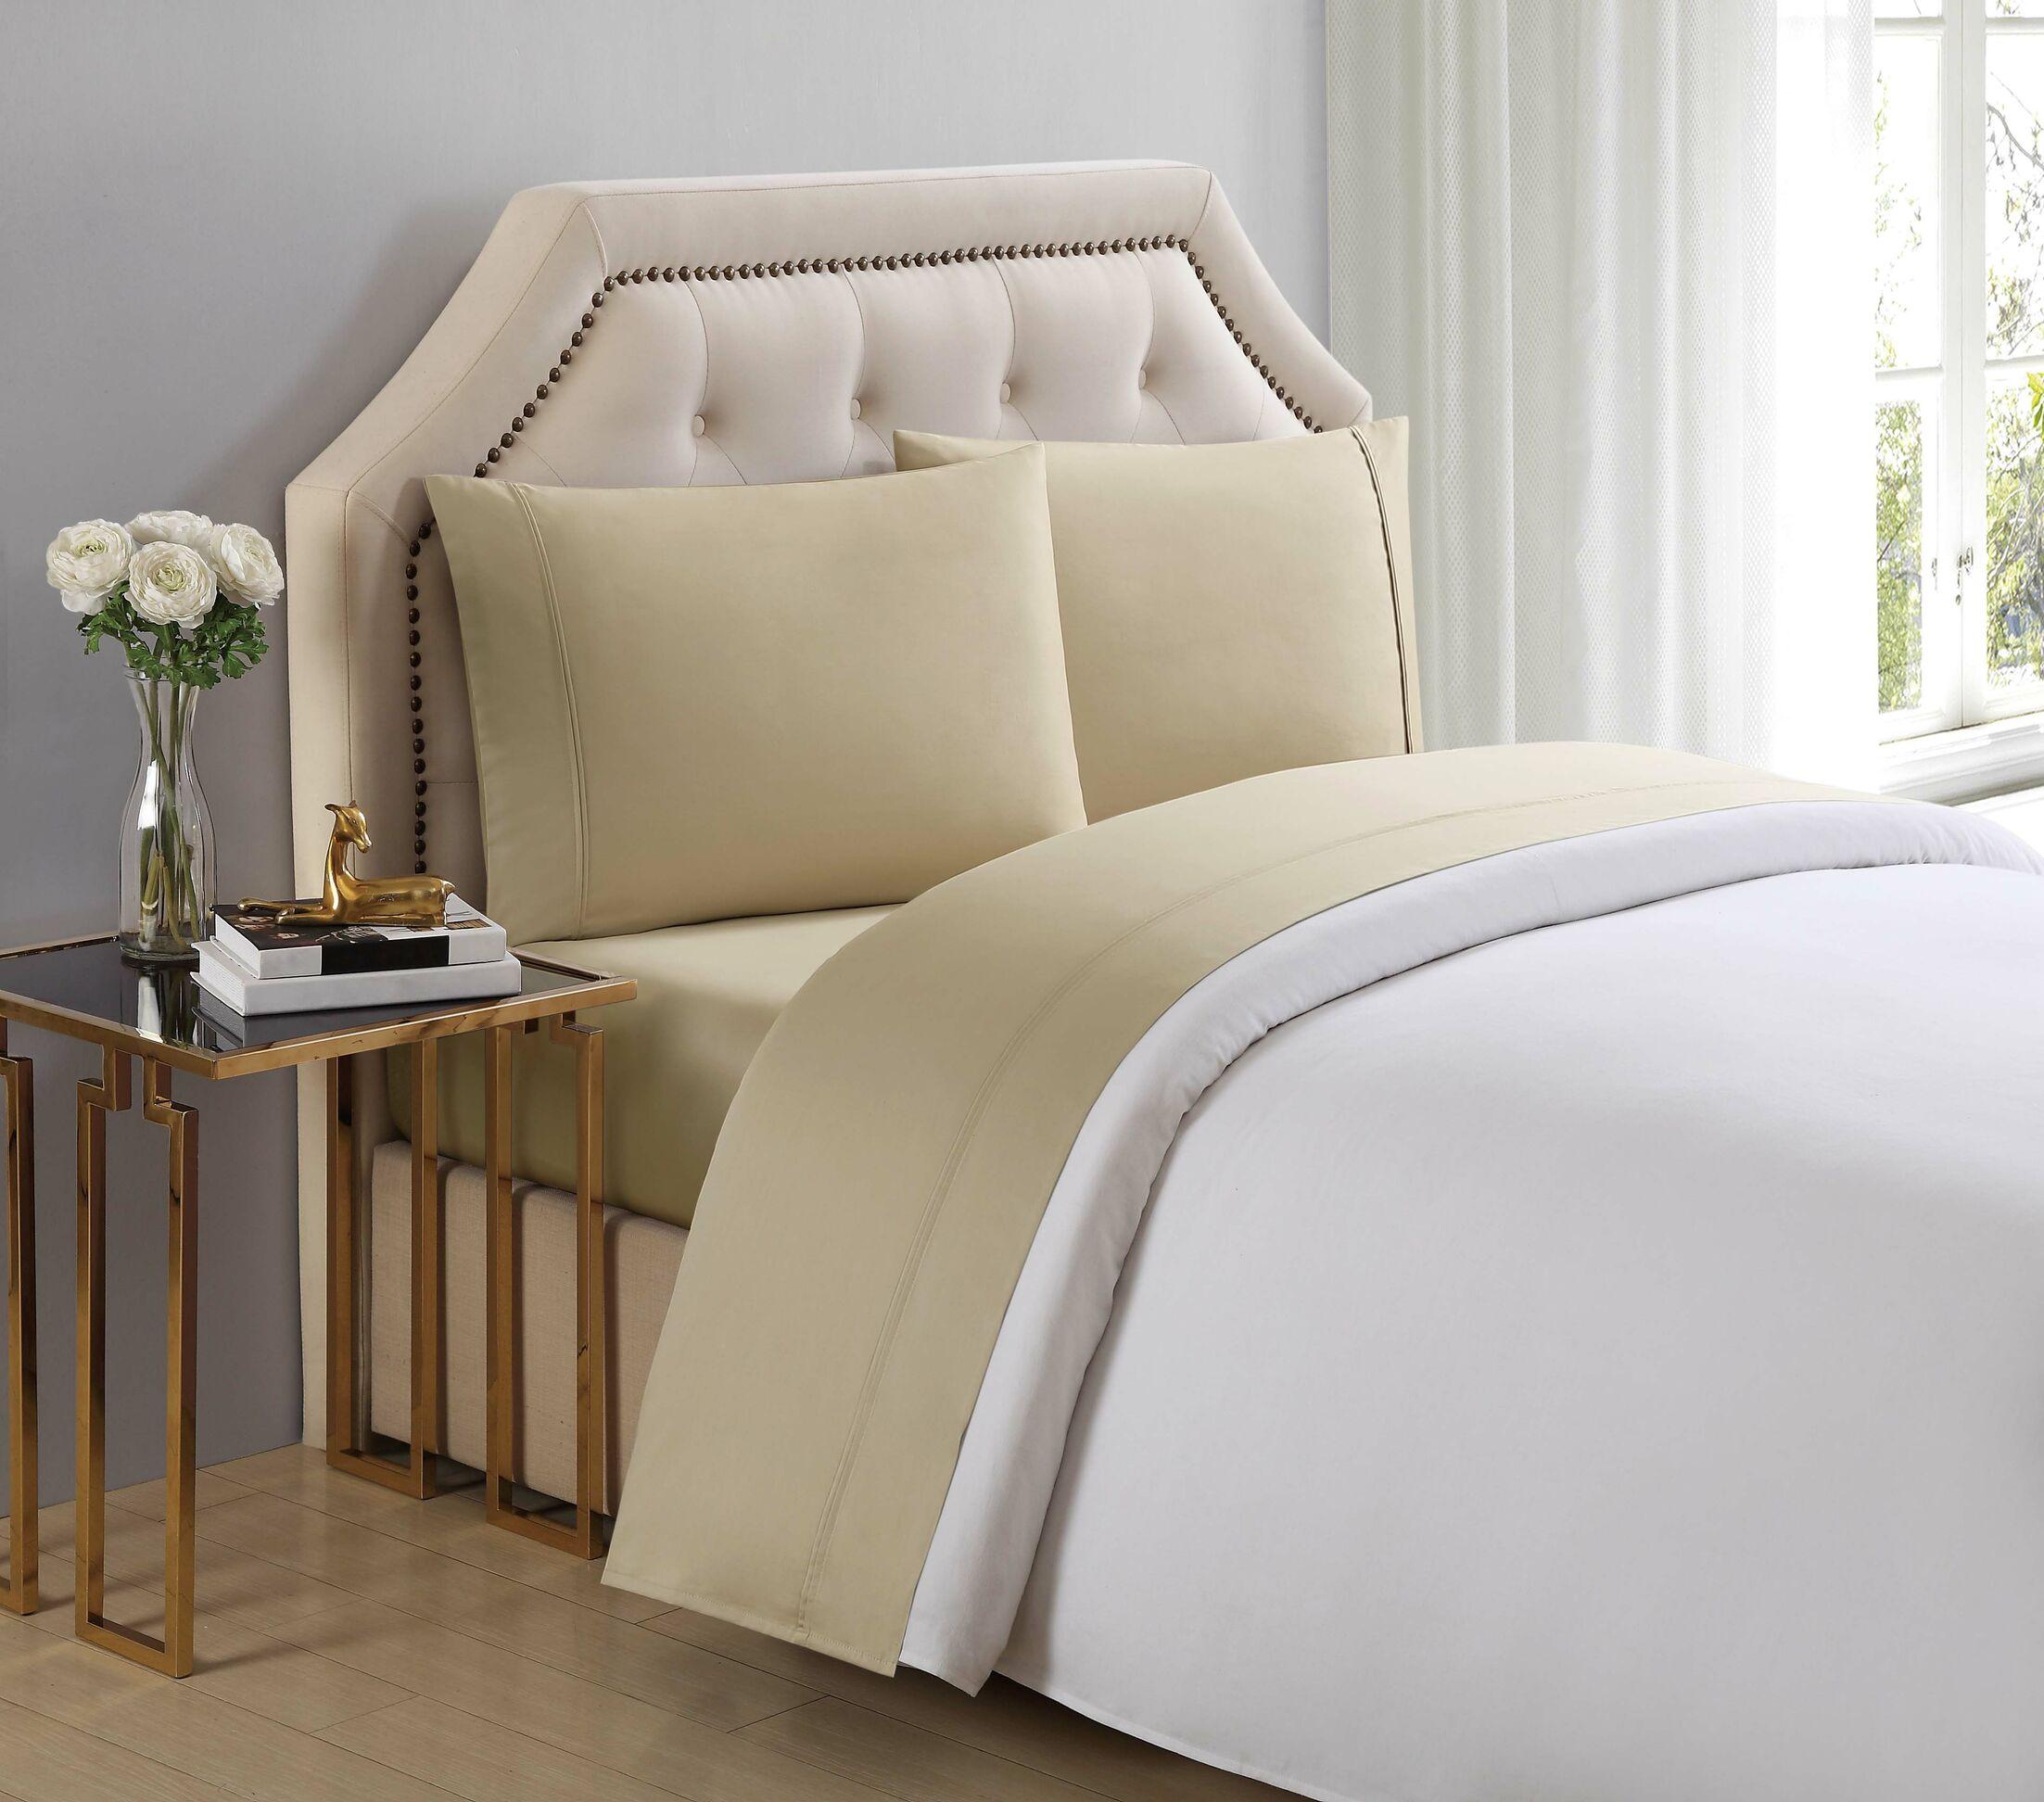 4 Piece 510 Thread Count Cotton Sheet Set Color: Pale Khaki, Size: King